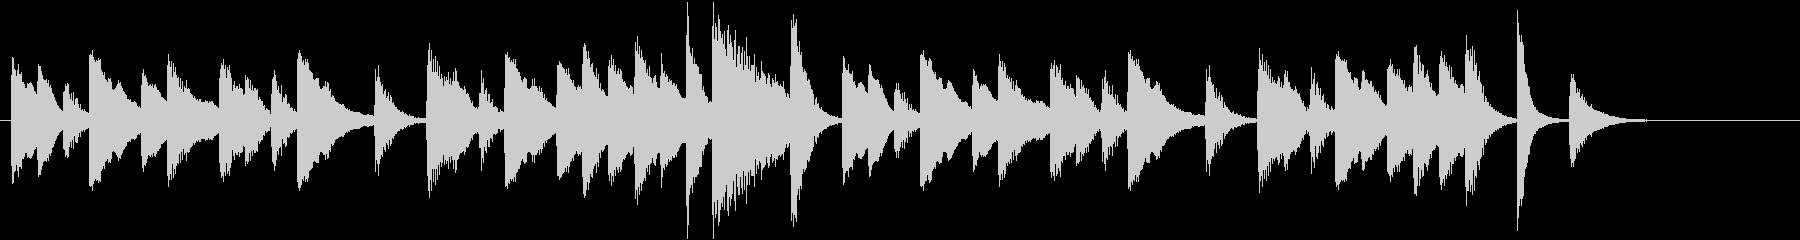 クッキング動画に♪ぽかぽかピアノジングルの未再生の波形